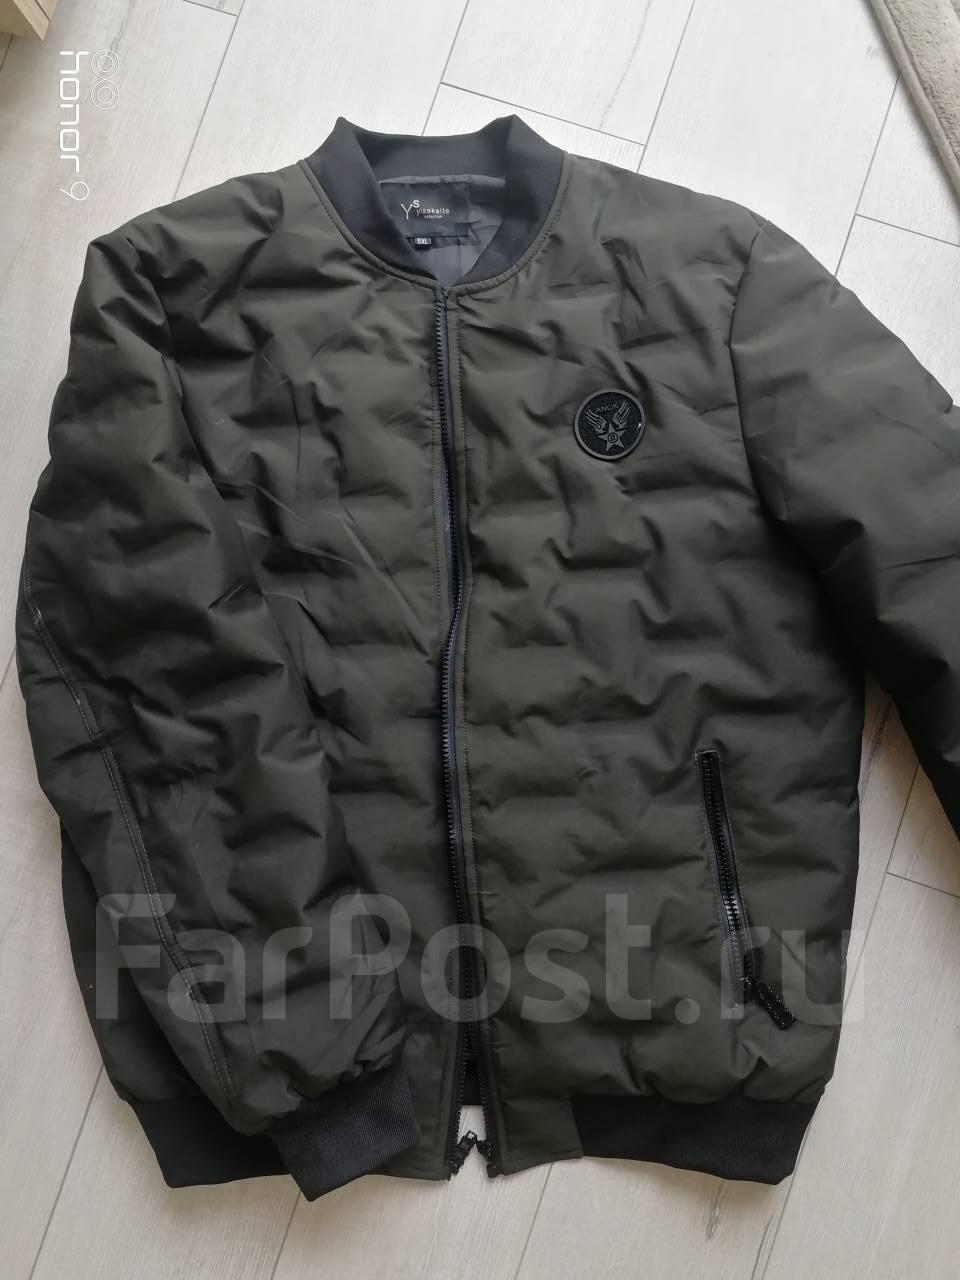 b2ef1fb2ed0 Куртки мужские купить во Владивостоке. Цены! Фото.